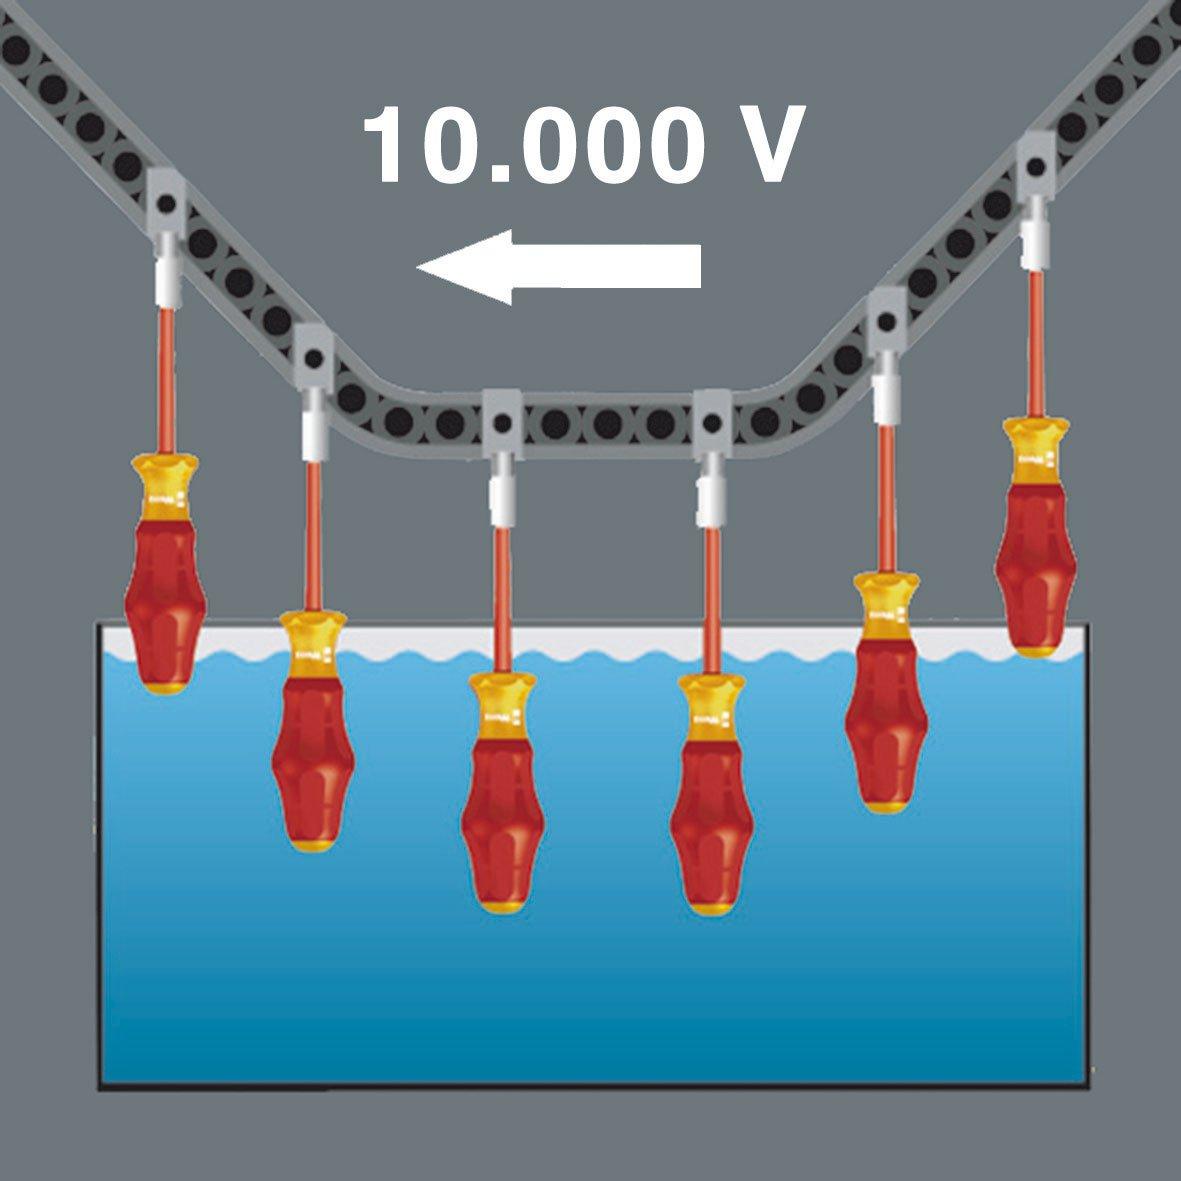 Wera 05031582001 1160 i VDE-isolierter Schlitz-Schraubendreher 0.6 x 3.5 x 100 mm